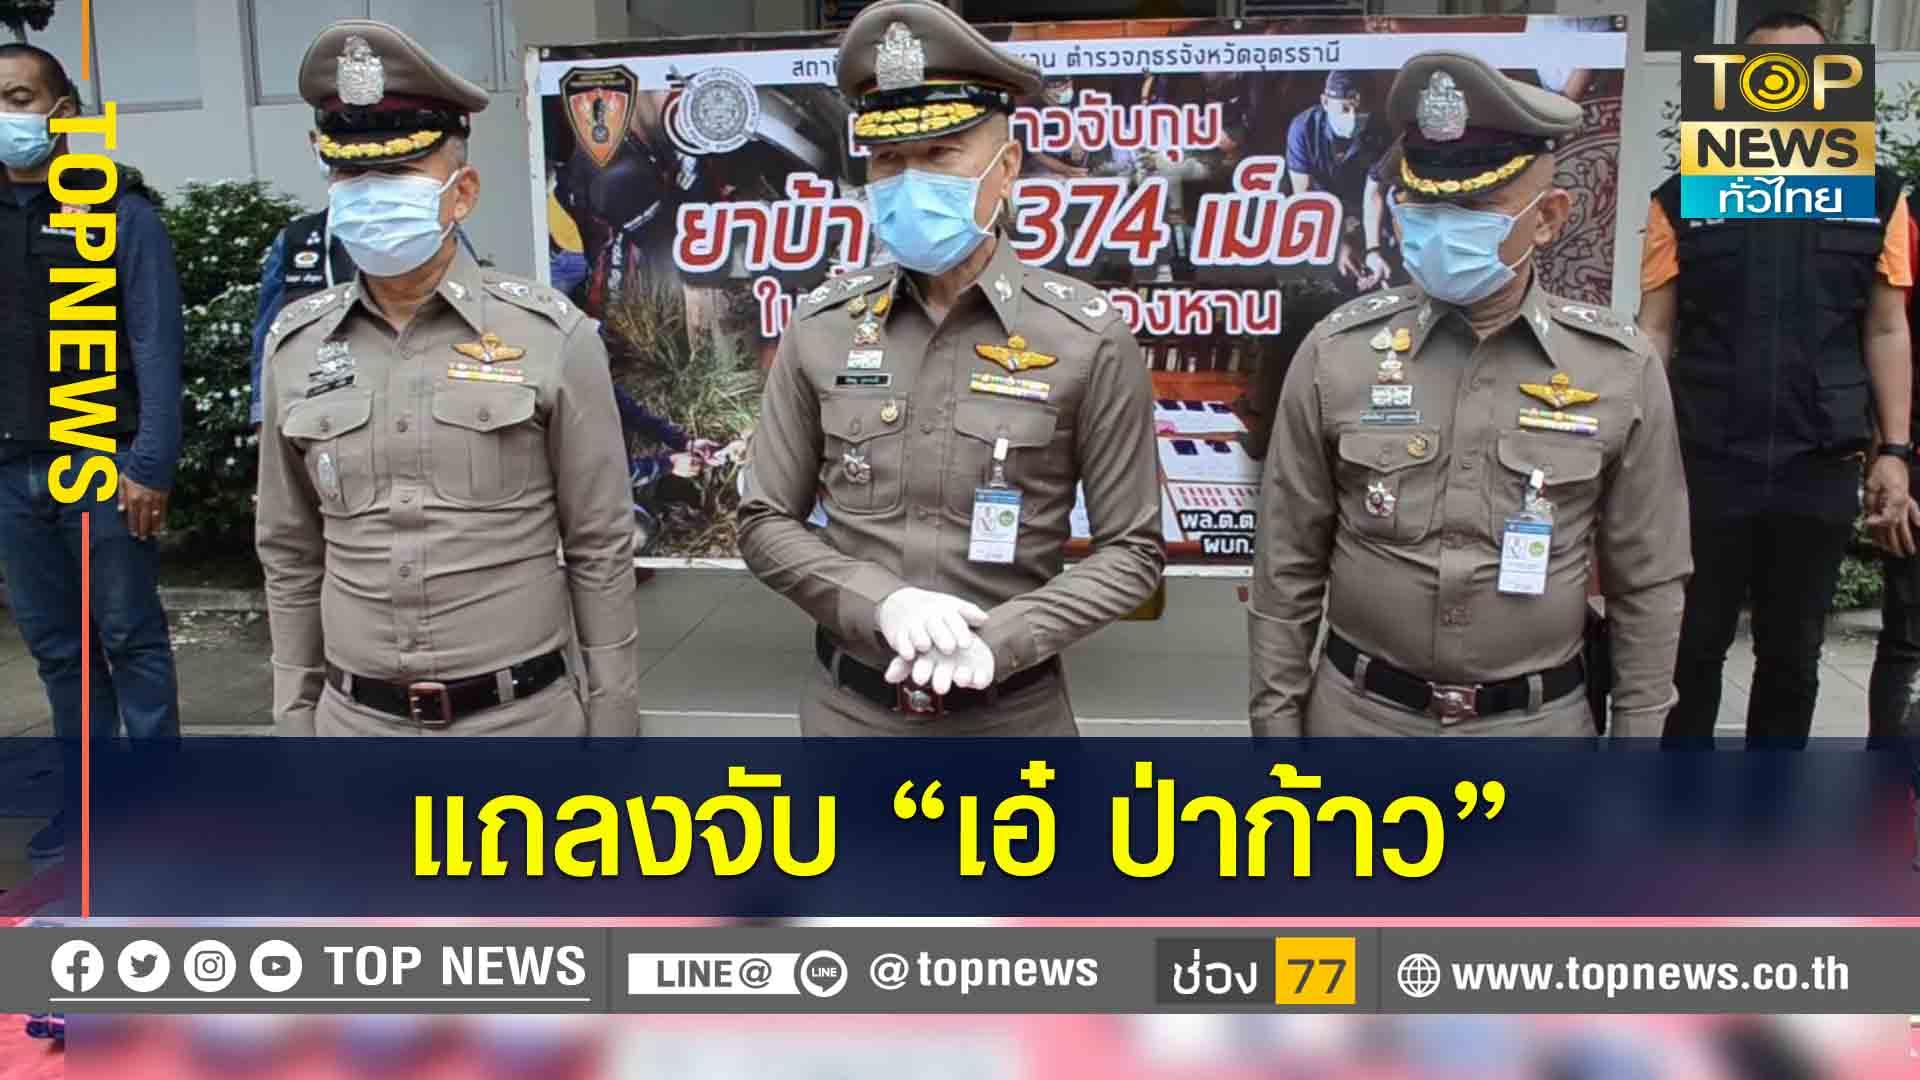 """ตำรวจอุดรฯ รวบแล้ว """"เอ๋ ป่าก้าว"""" นักซิ่งบิ๊กไบค์ รับจ้างส่งยาเสพติด"""